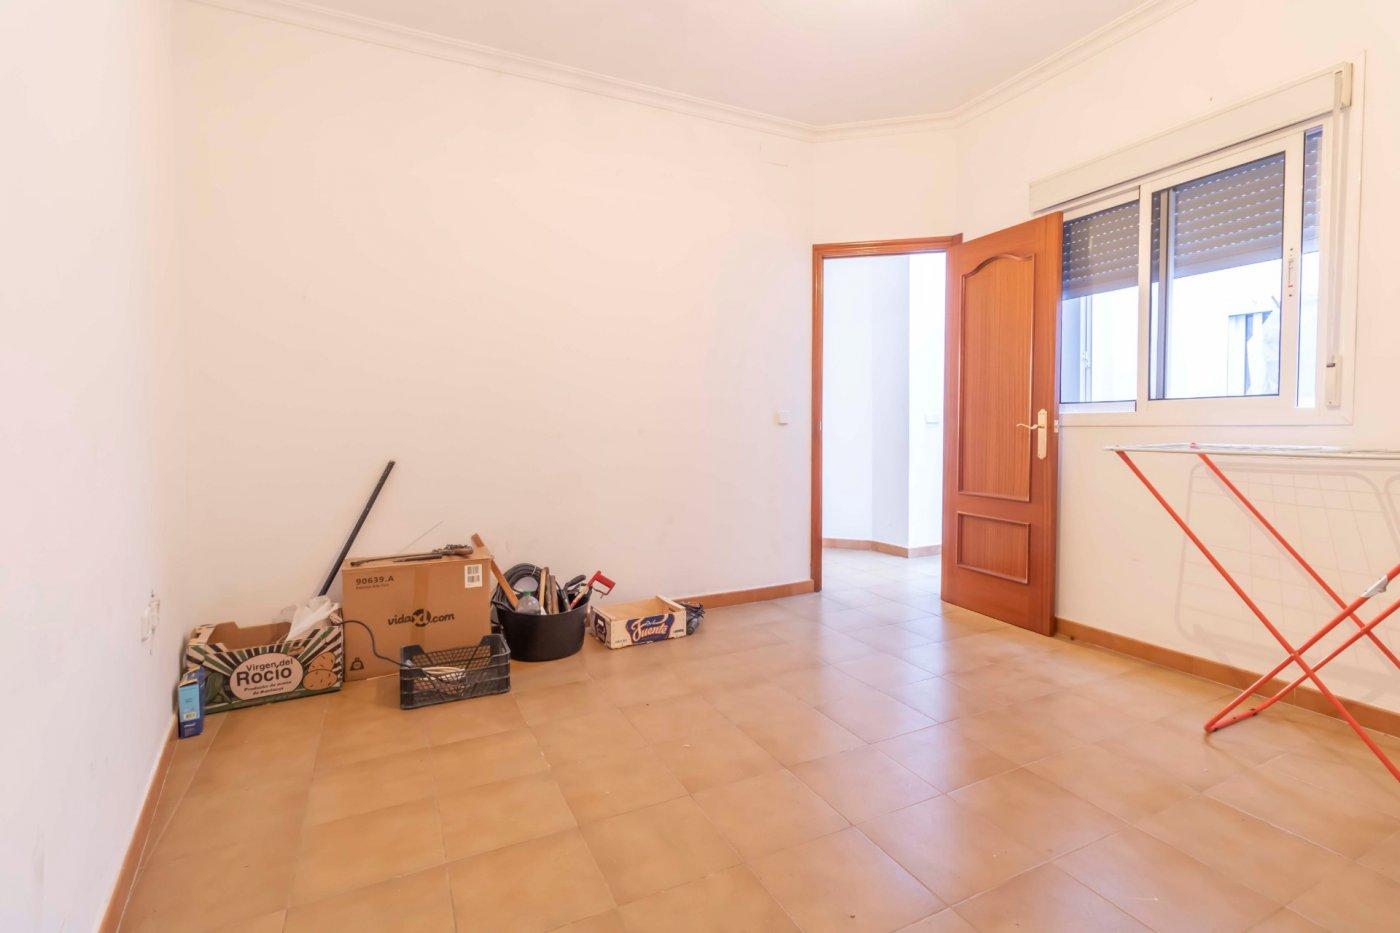 2 pisos a la venta por el precio de uno en zona padre pÍo - imagenInmueble10